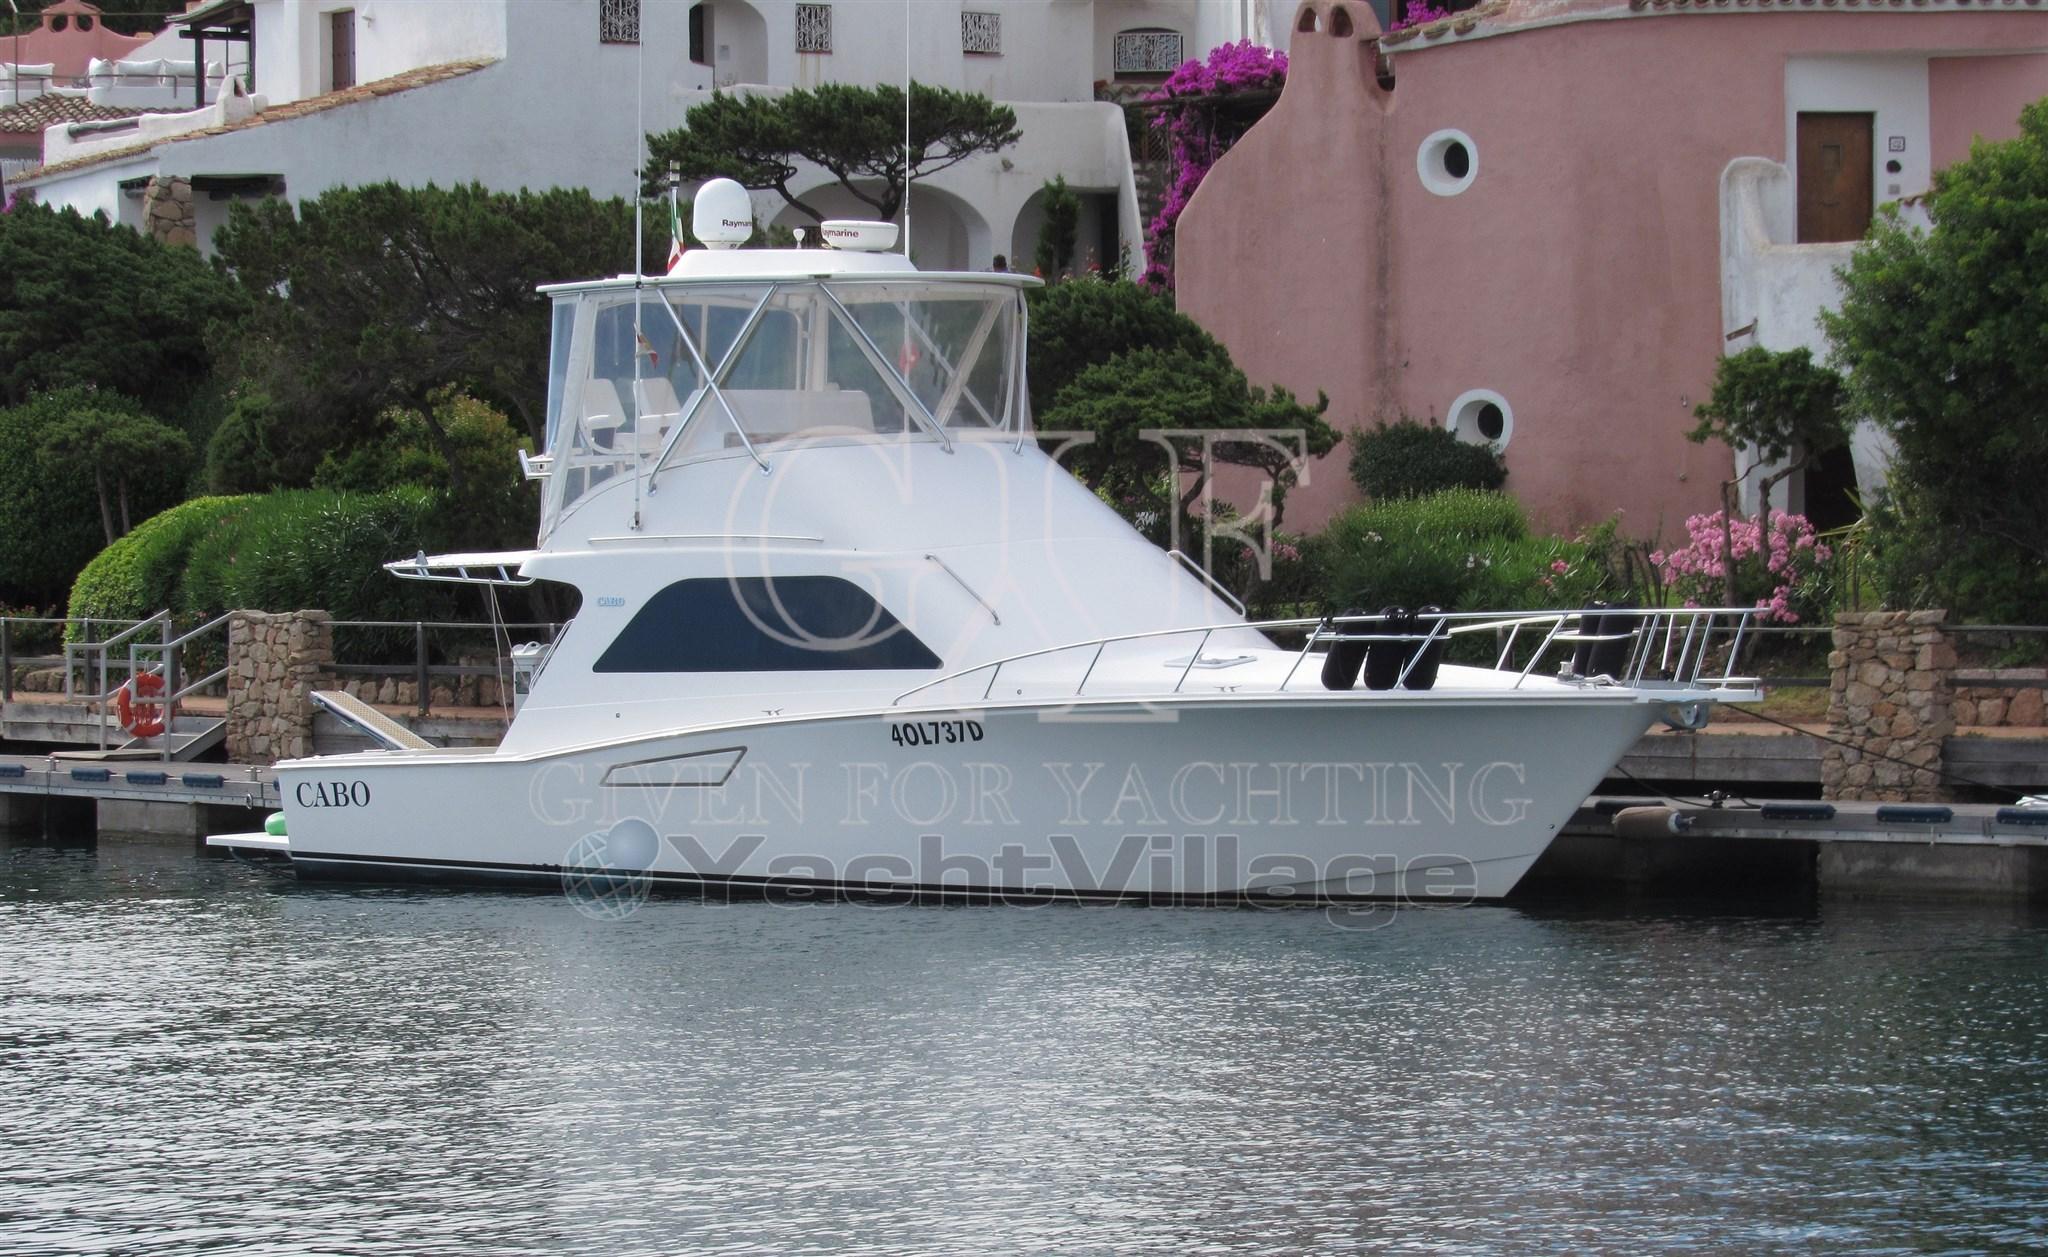 Cabo 43 profile